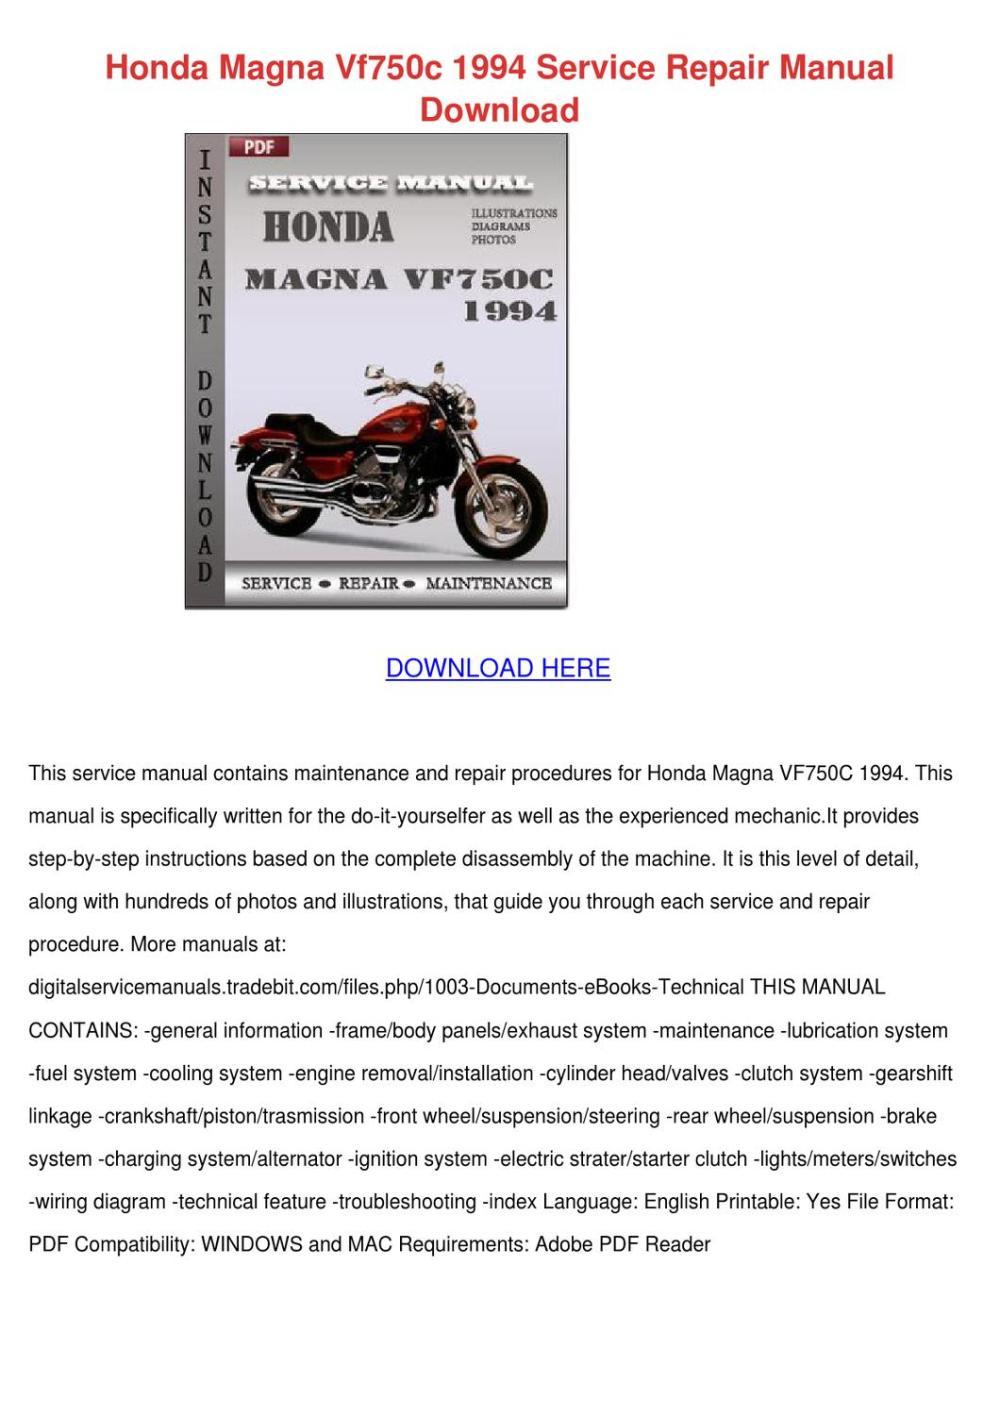 medium resolution of summary of contents for honda v magna page 4f hond honda v45 magna 1982 owner 39 s manual pdf download 1982 1988 honda v45 v65 sabre magna vf700 vf750